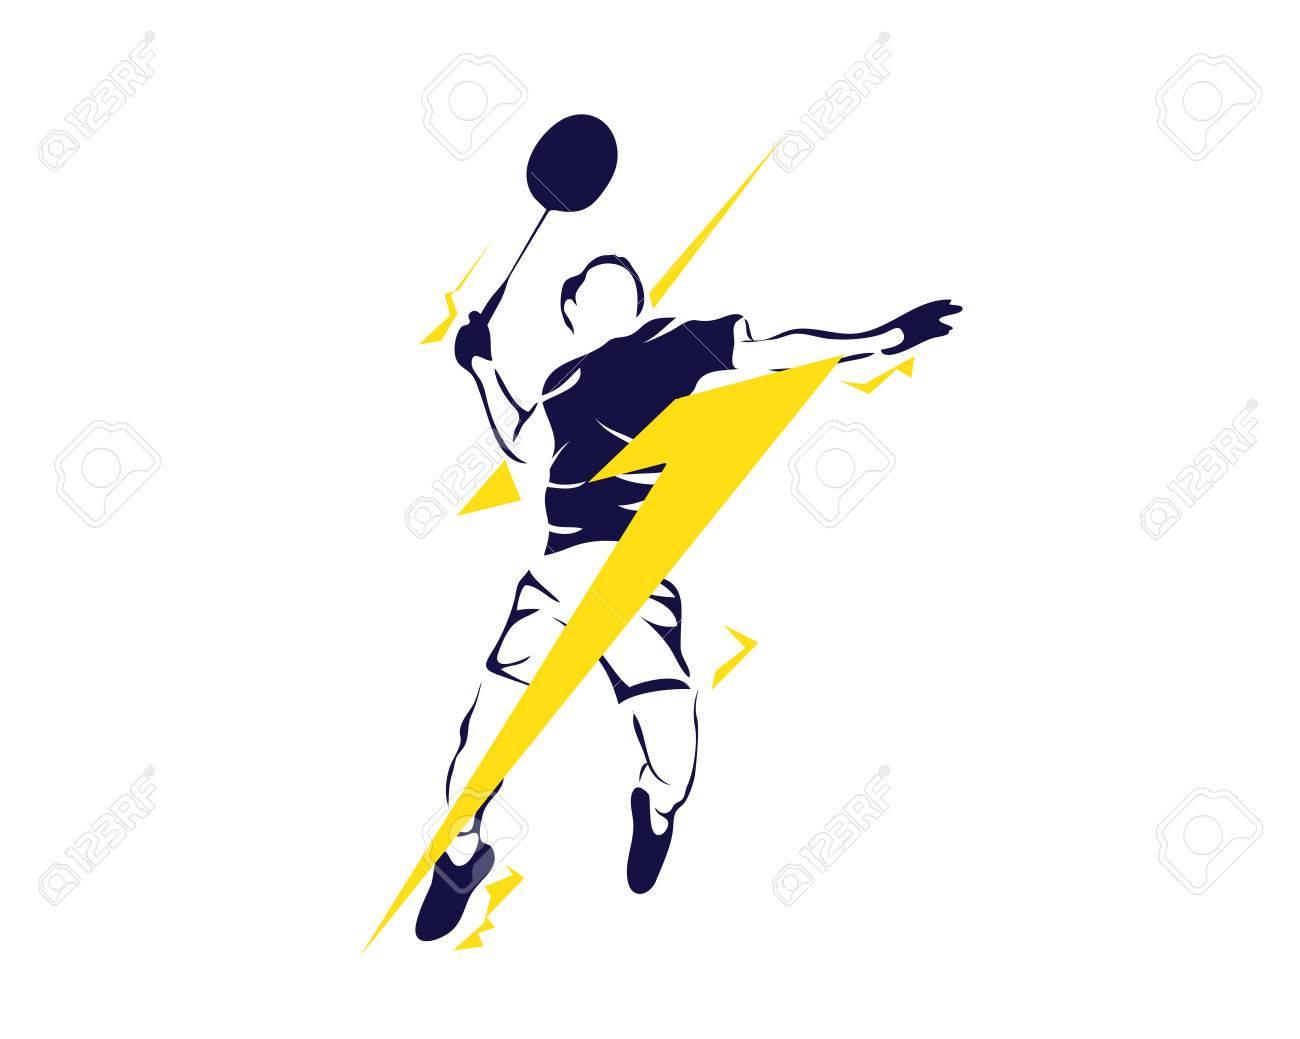 70678693-passionn-moderne-joueur-de-badminton-en-action-logo-super-smash-foudrejpg